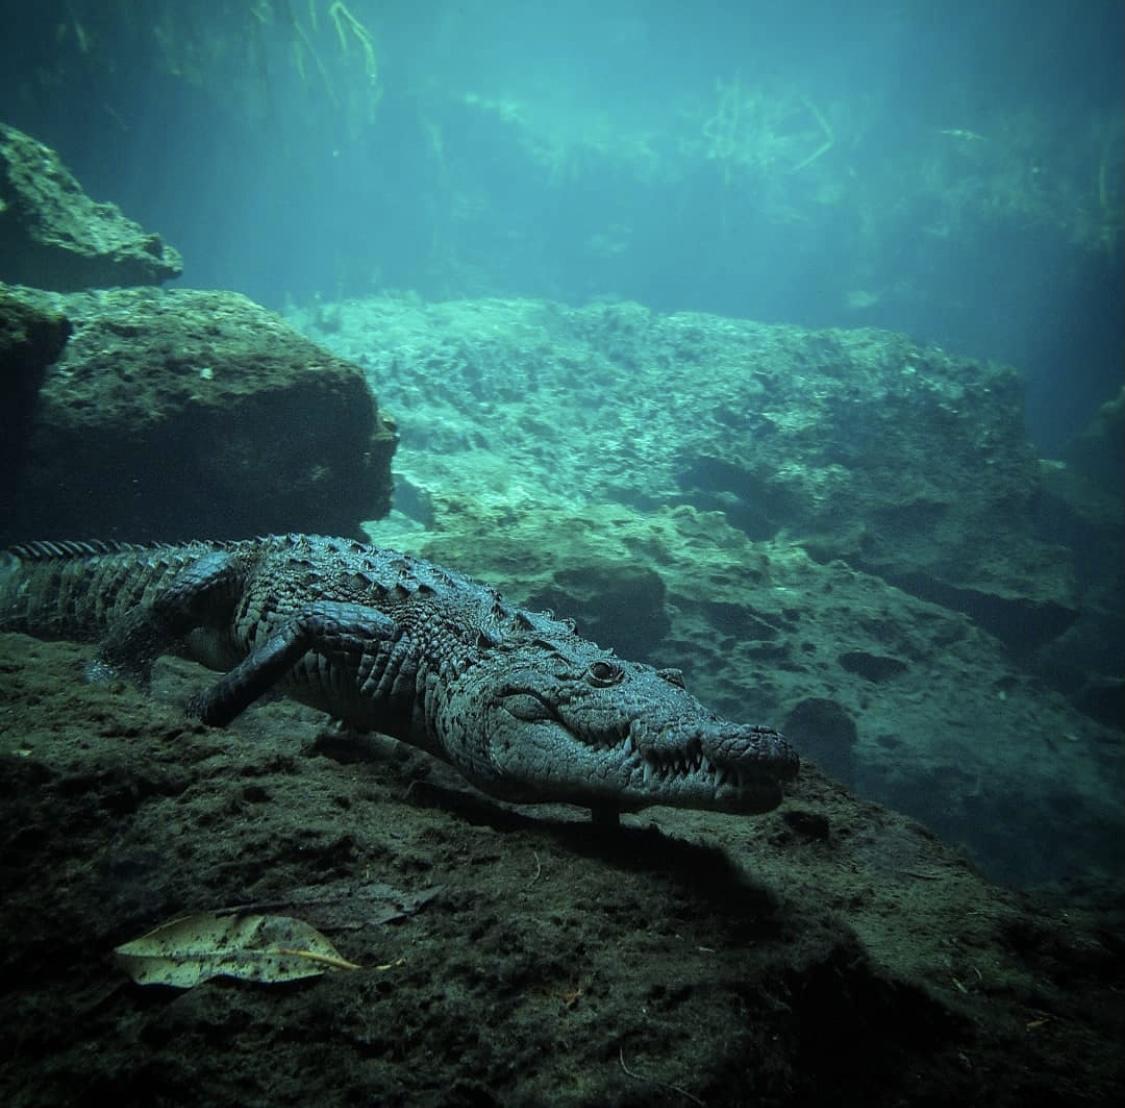 Panchito el cocodrilo que nada en un cenote